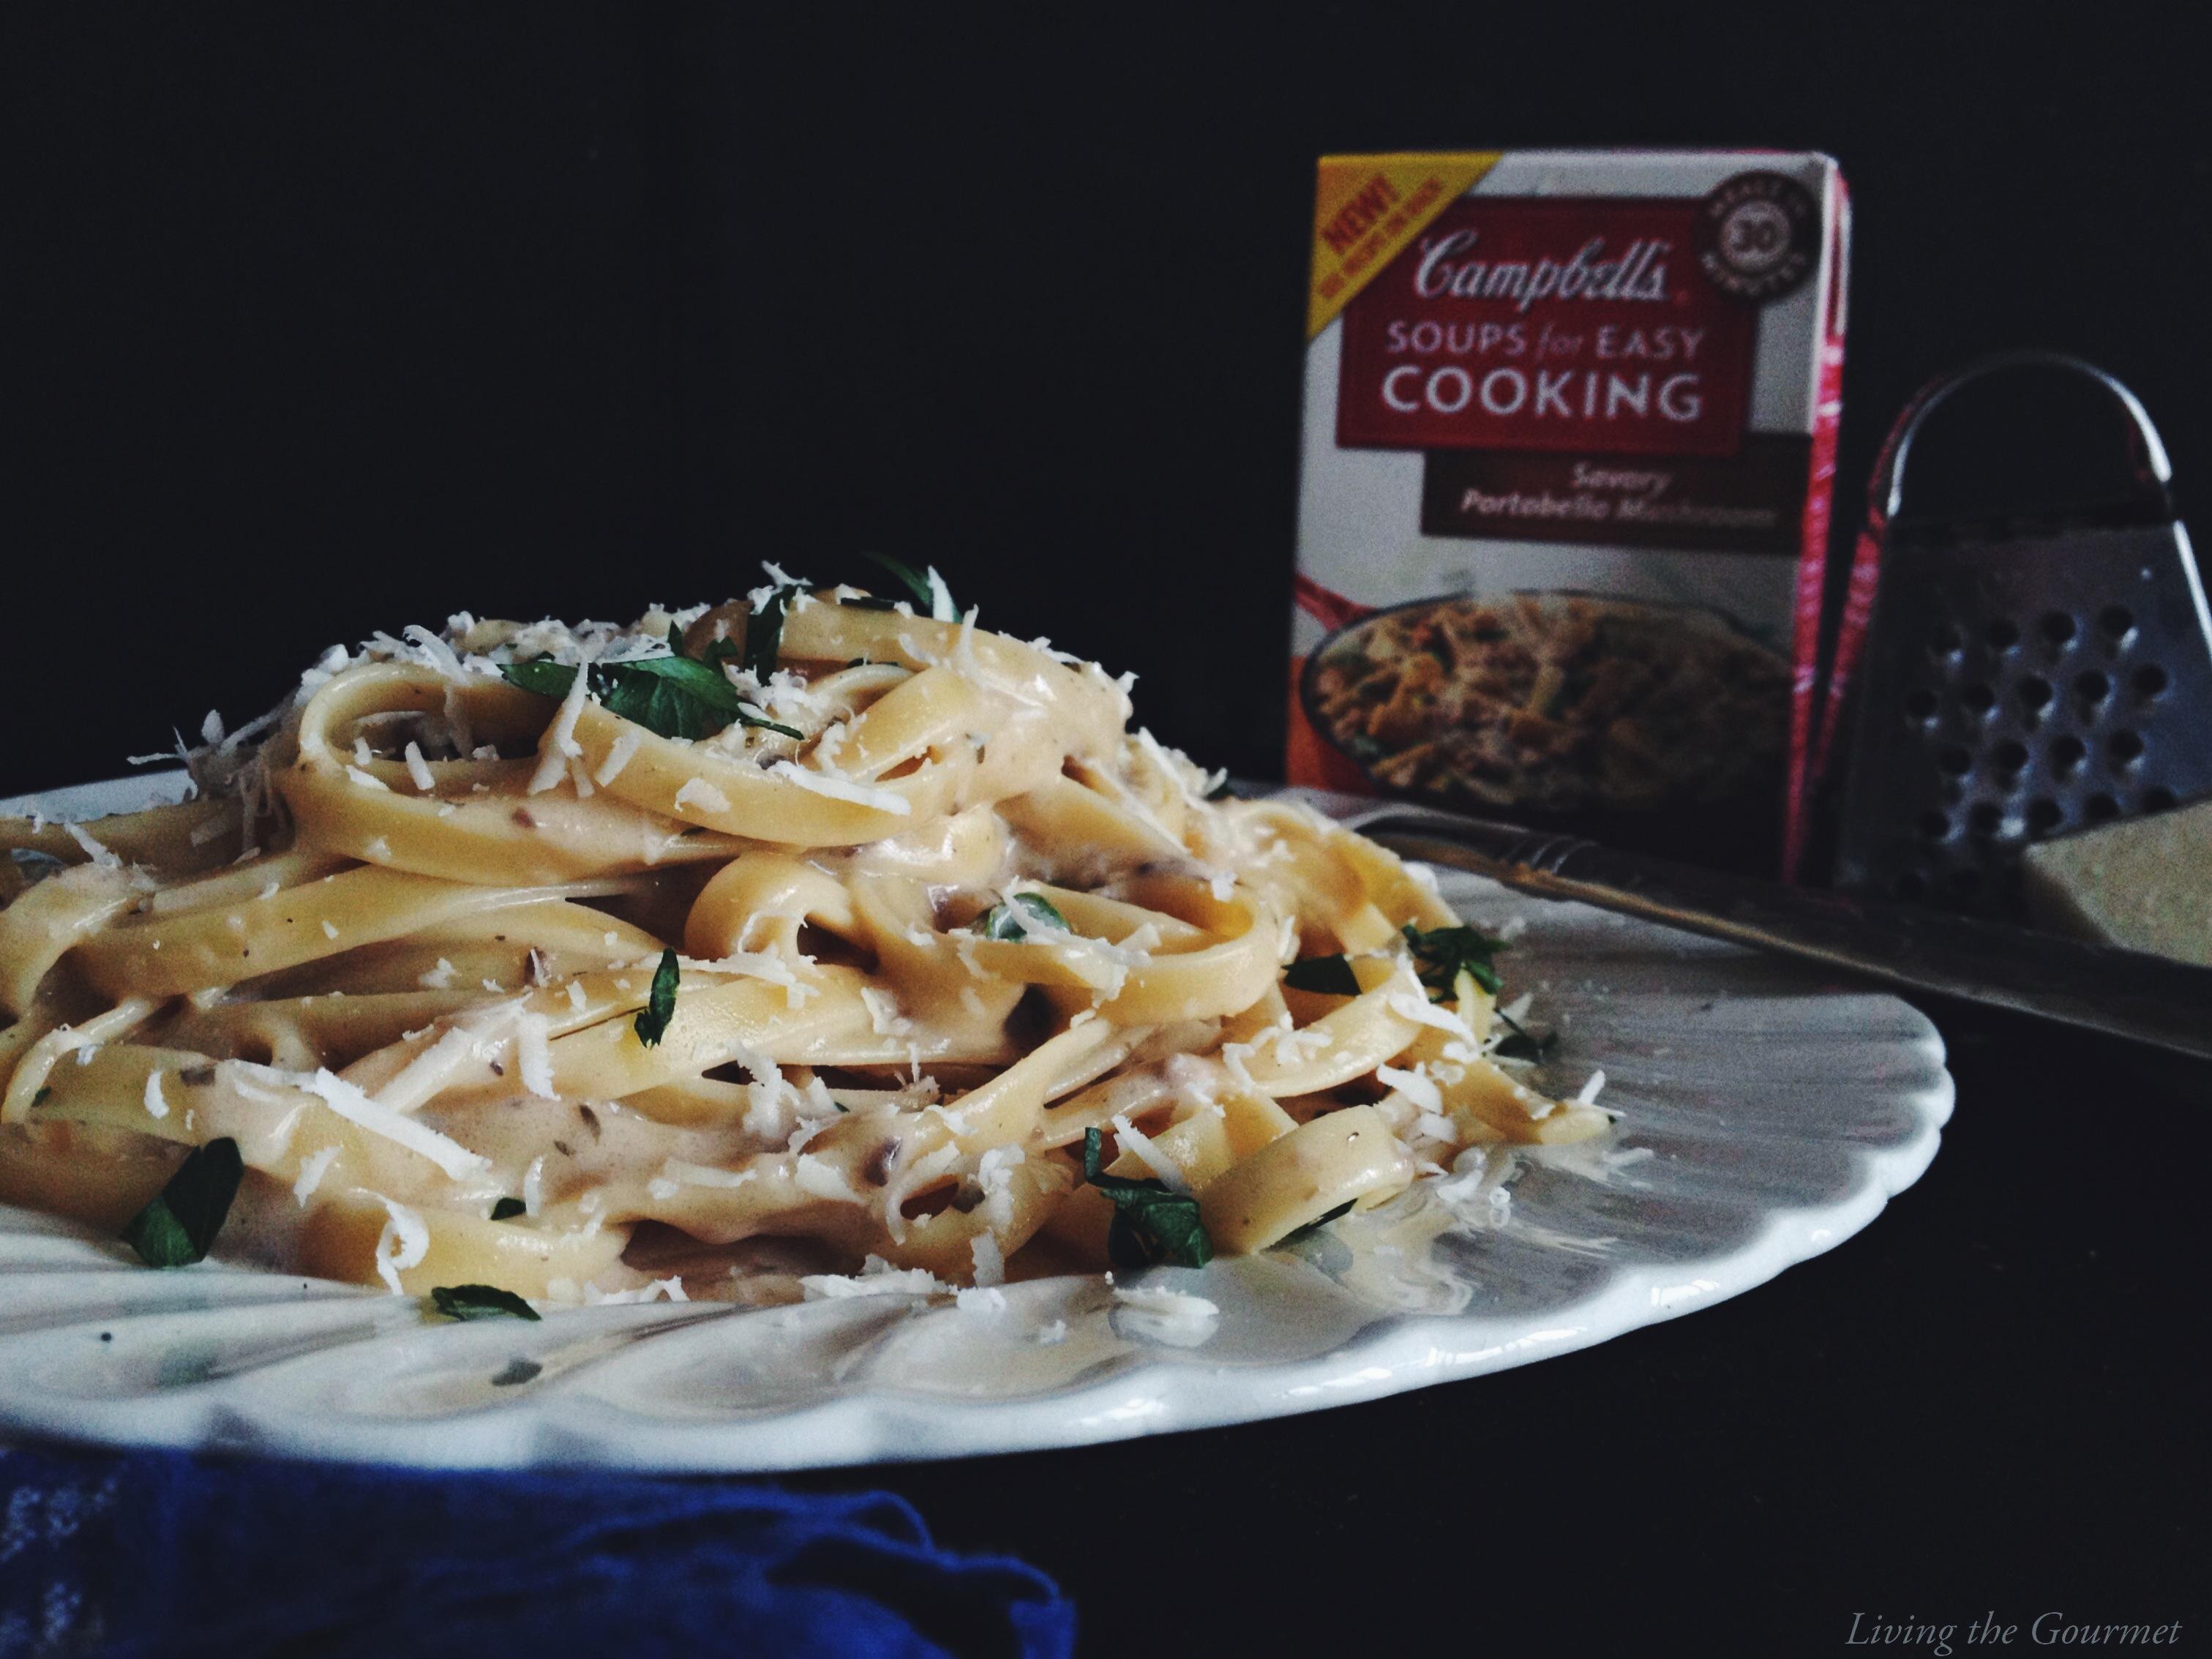 Living the Gourmet: Portobello Mushroom Fettuccine Alfredo